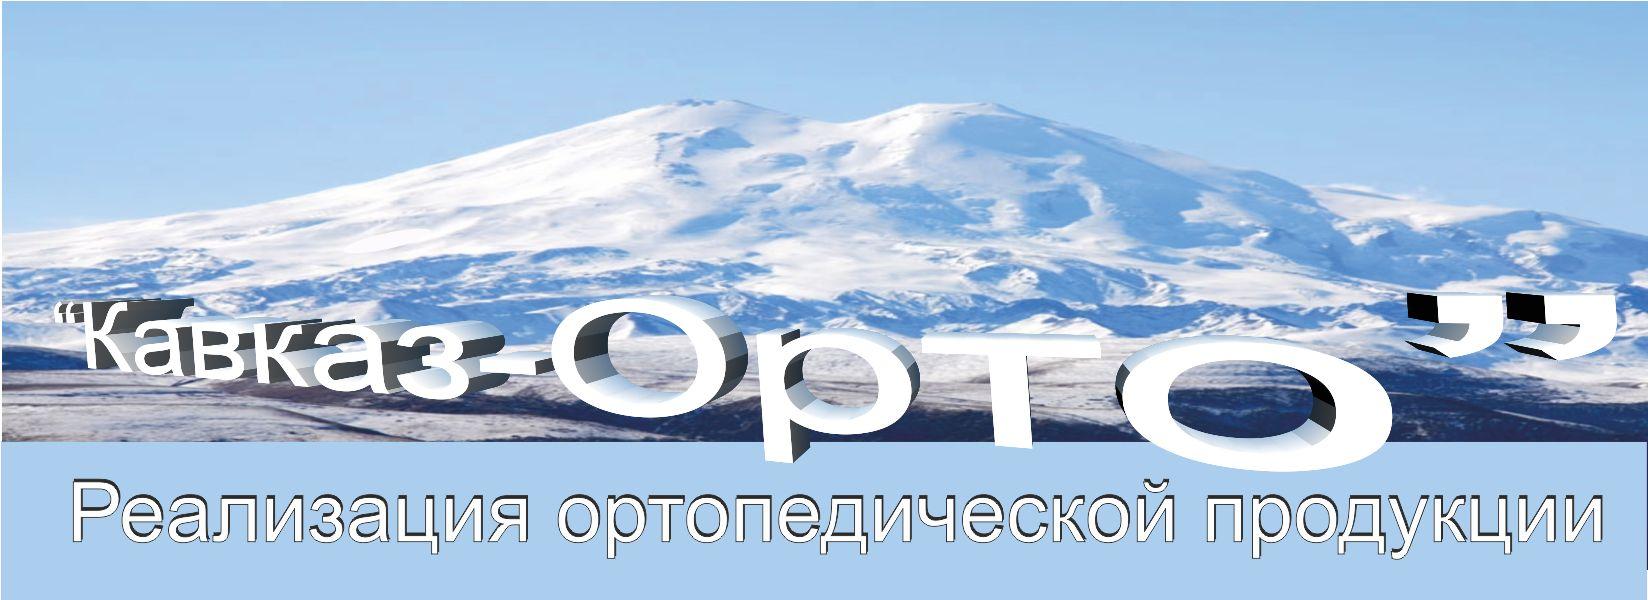 Логотип для ортопедического салона - дизайнер Cnjg-100P